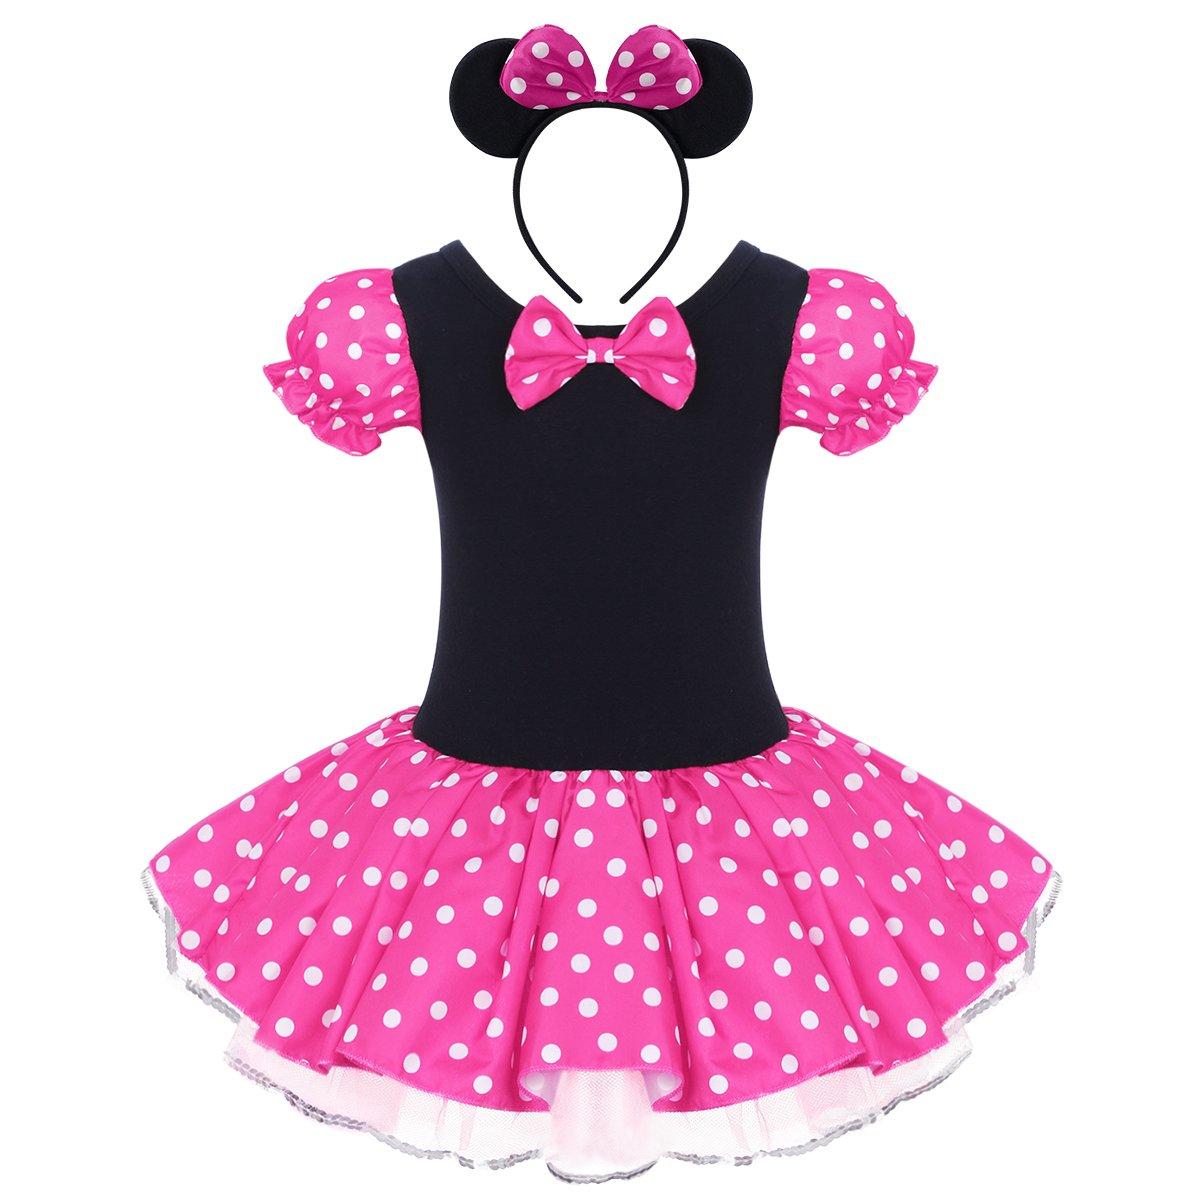 Costume per Halloween o carnevale da Minnie, per bambina Polka Dots Tutu Principessa Abiti per Natale Festa Cerimonia Compleanno Comunione Ballerina Fotografia Cosplay Travestimento 12 mesi-8 anni